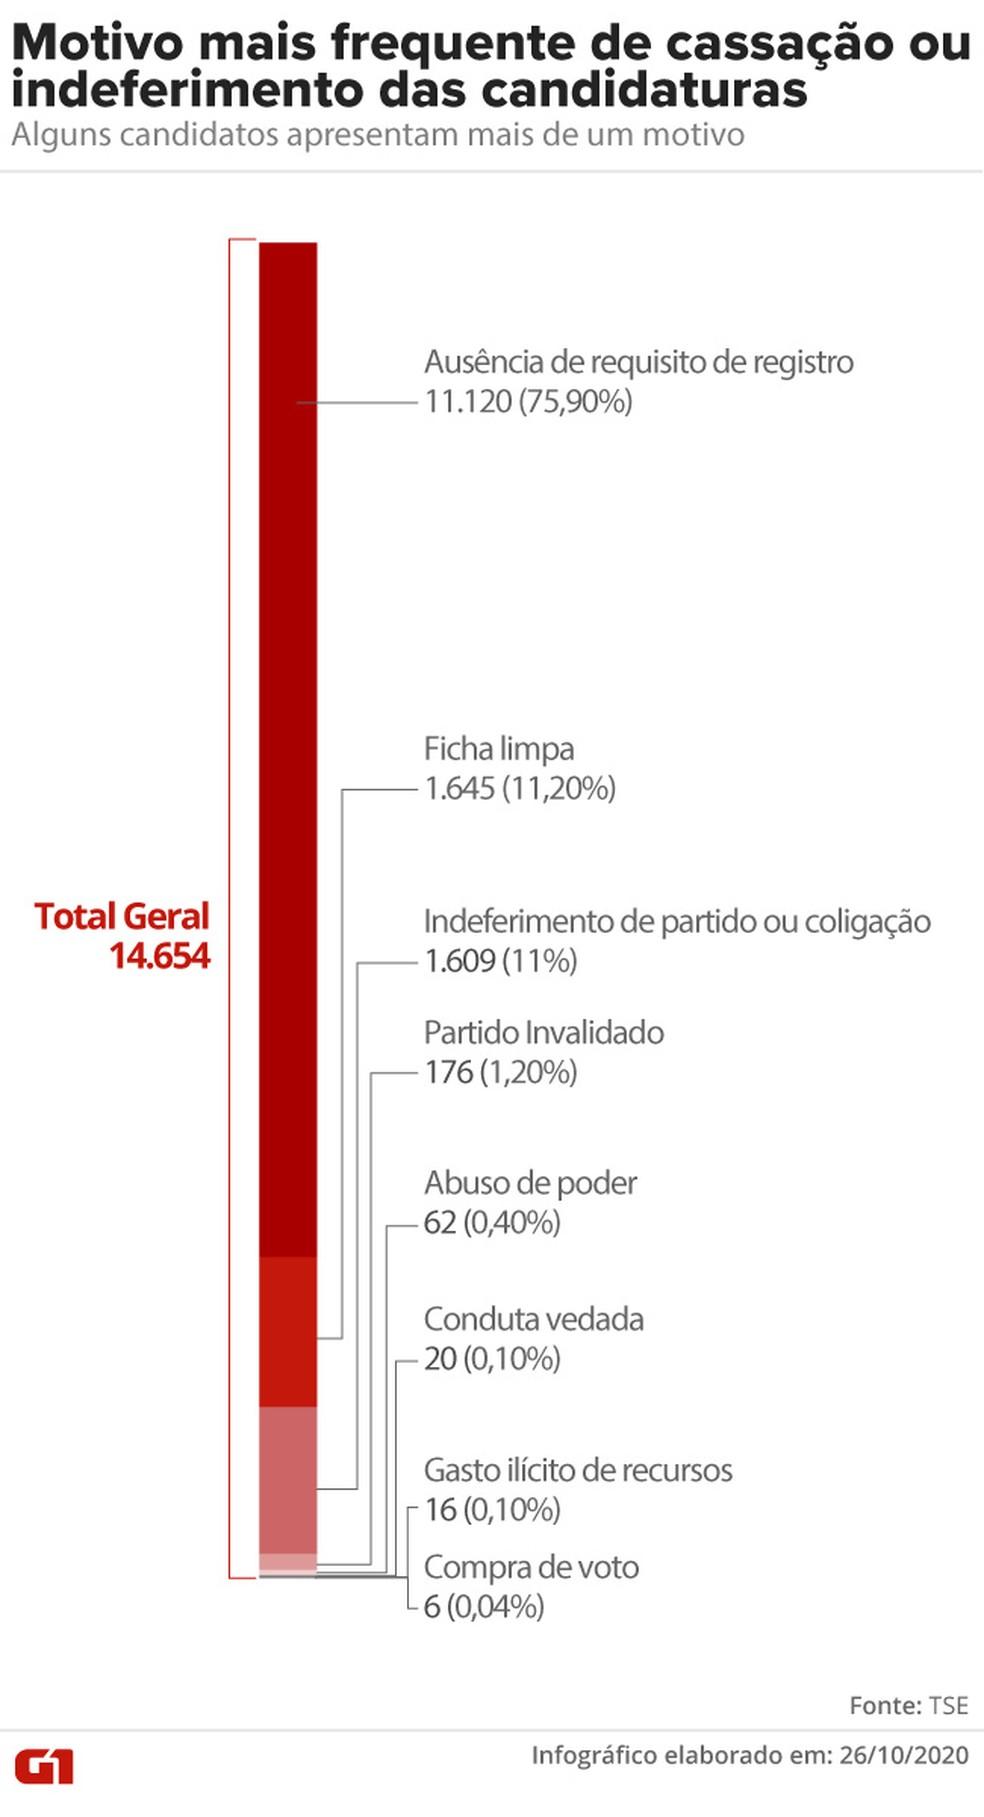 Principais motivos de indeferimento — Foto: Aparecido Gonçalves/G1